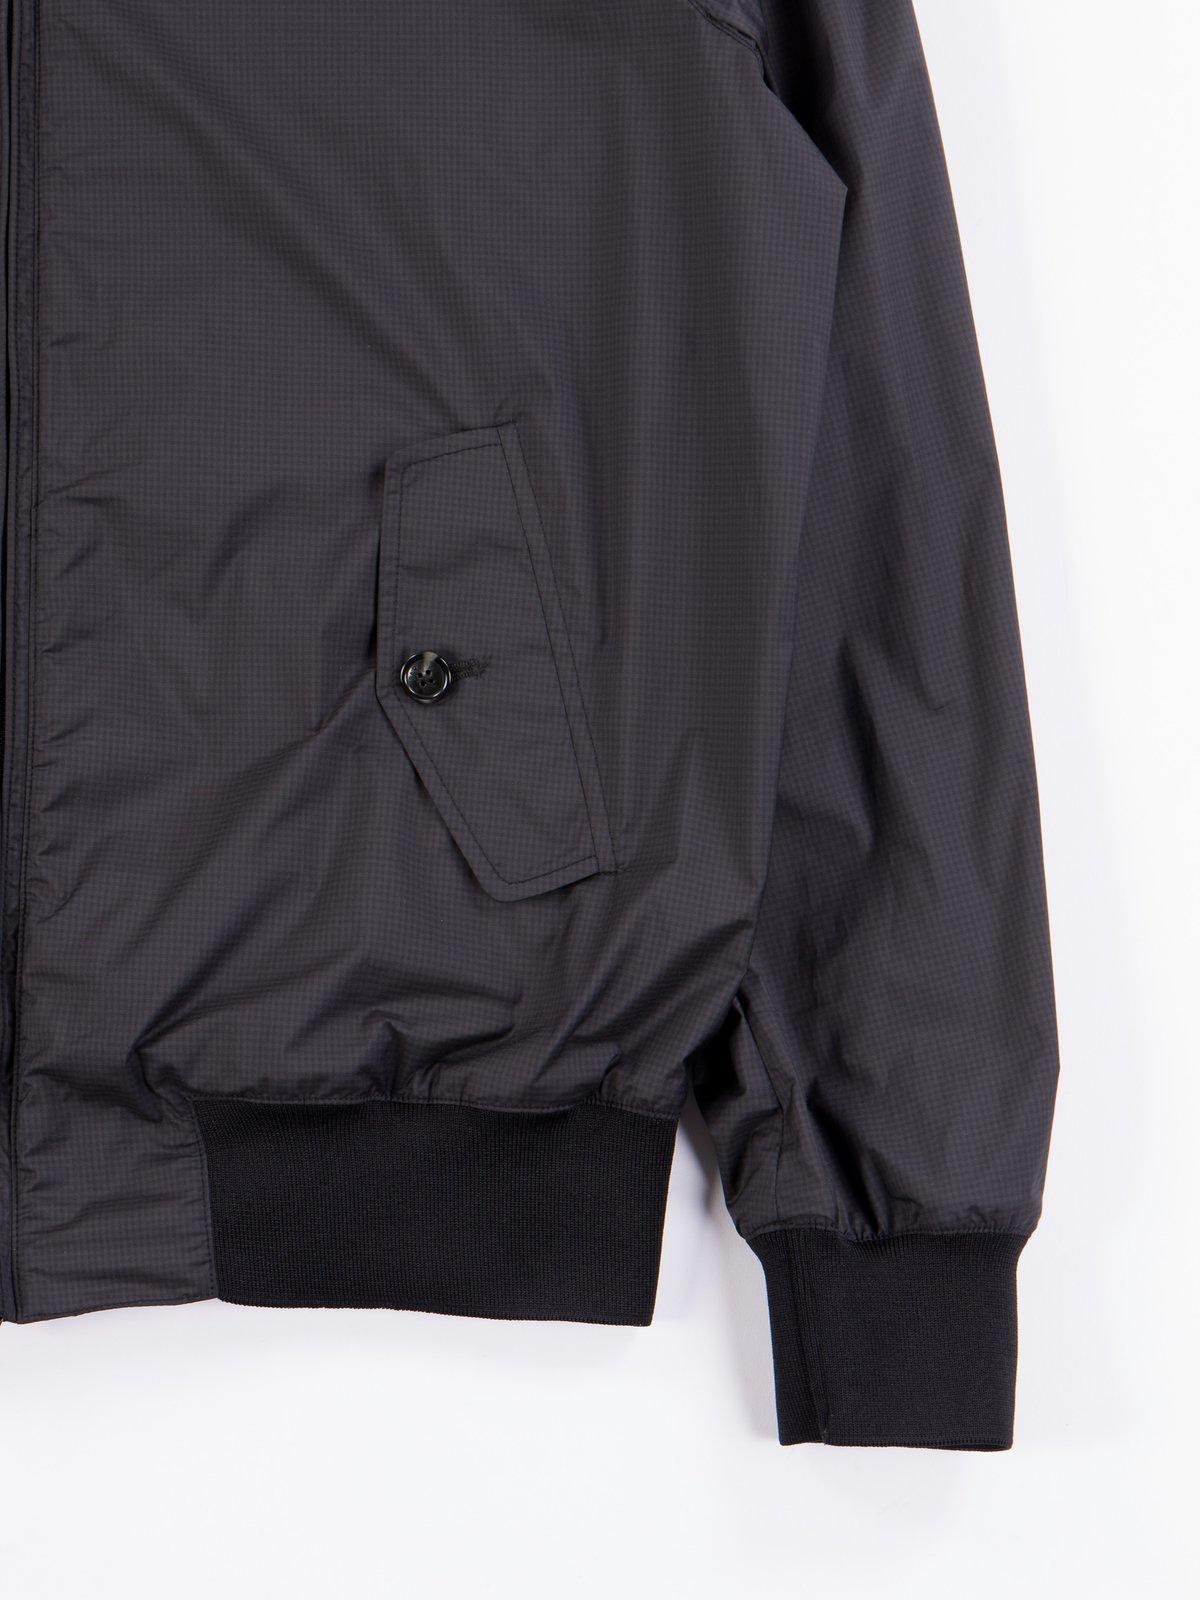 Mini Grey Check G9 EG Jacket - Image 5